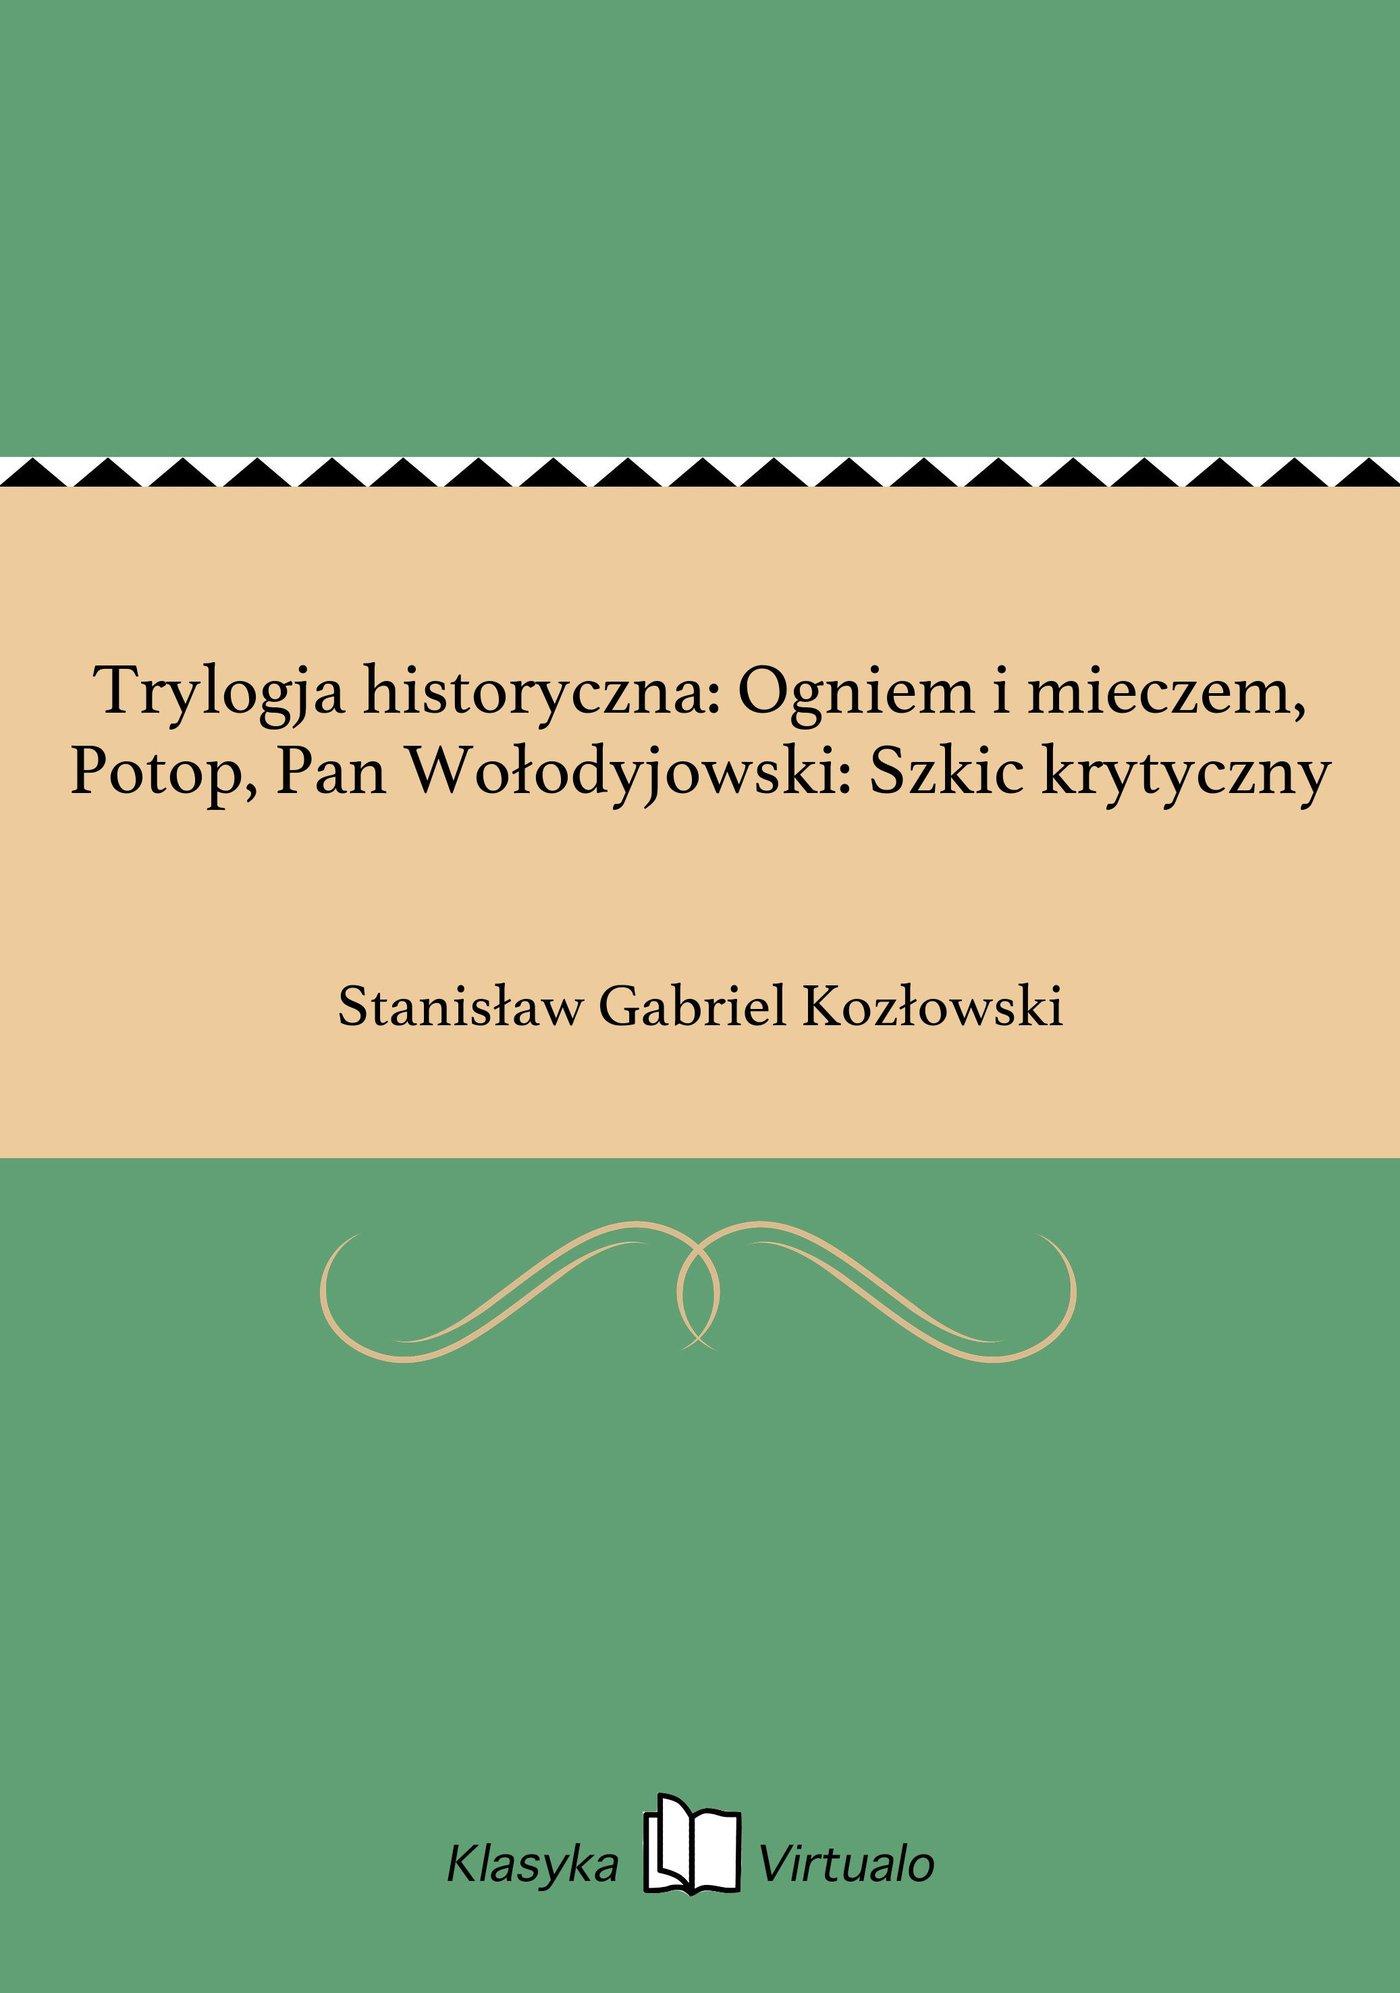 Trylogja historyczna: Ogniem i mieczem, Potop, Pan Wołodyjowski: Szkic krytyczny - Ebook (Książka EPUB) do pobrania w formacie EPUB